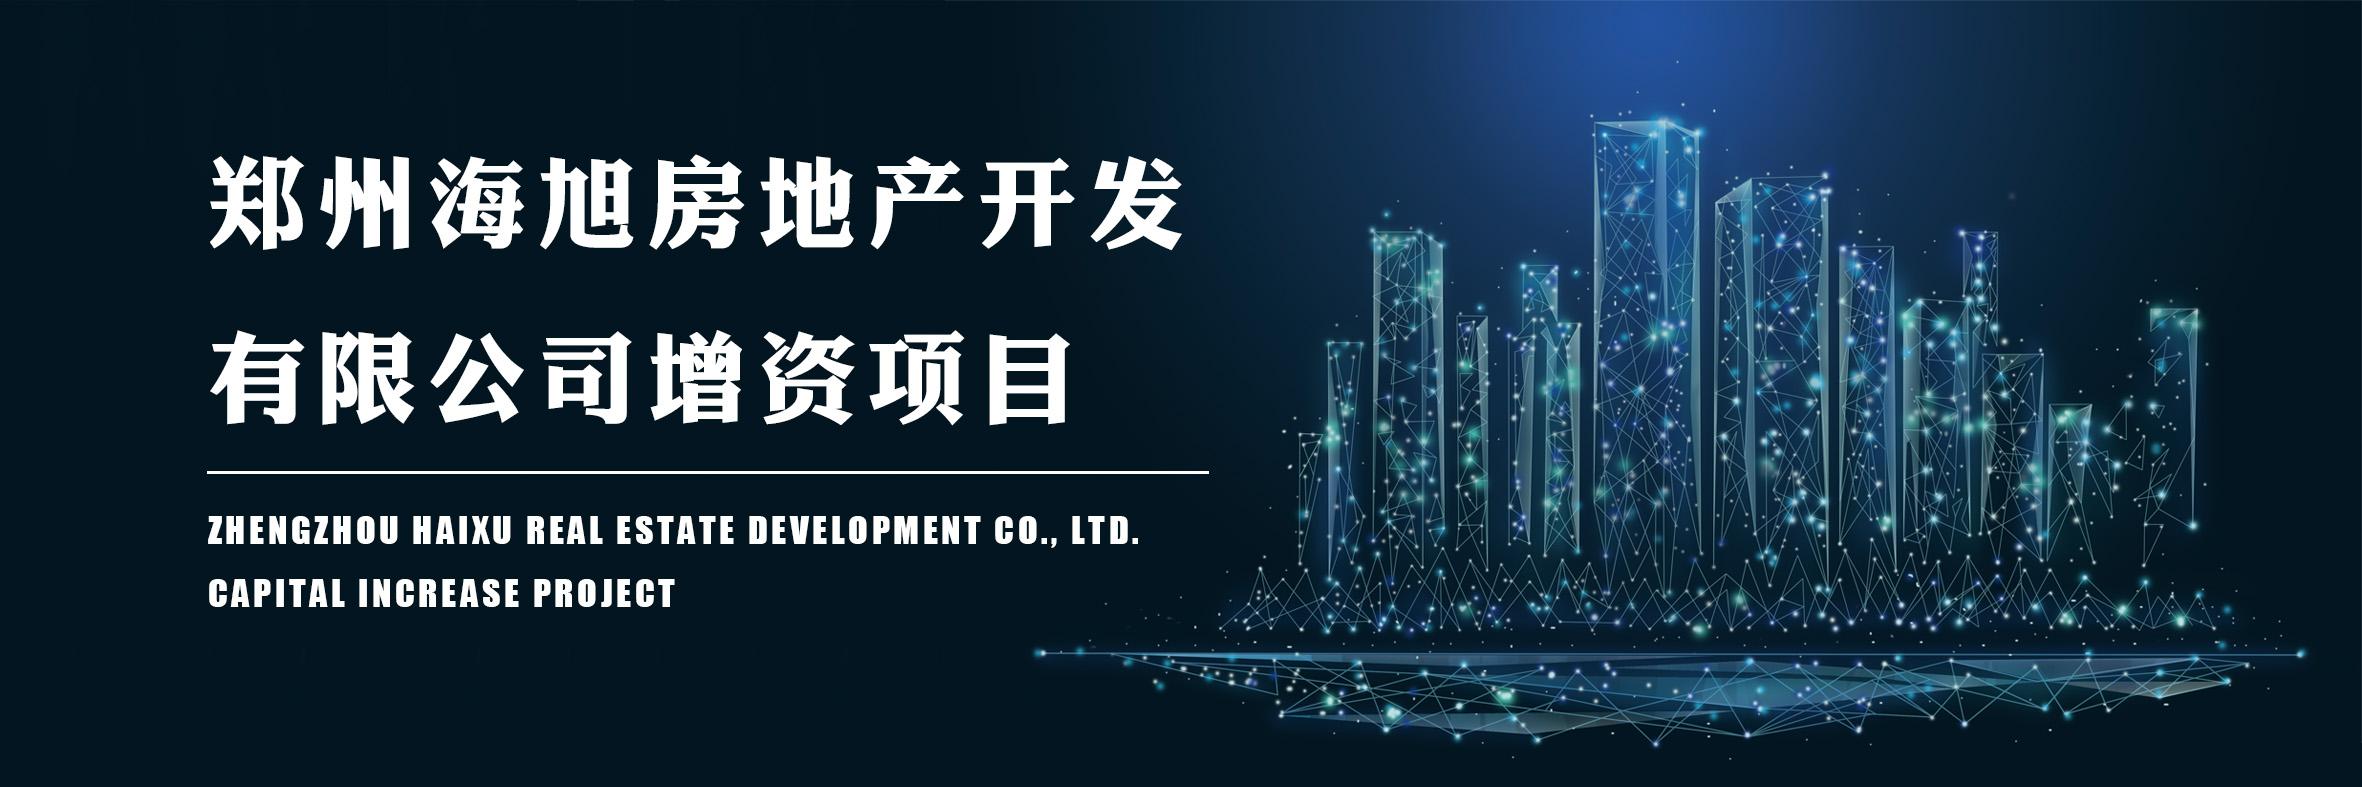 郑州海旭房地产开发有限公司增资项目